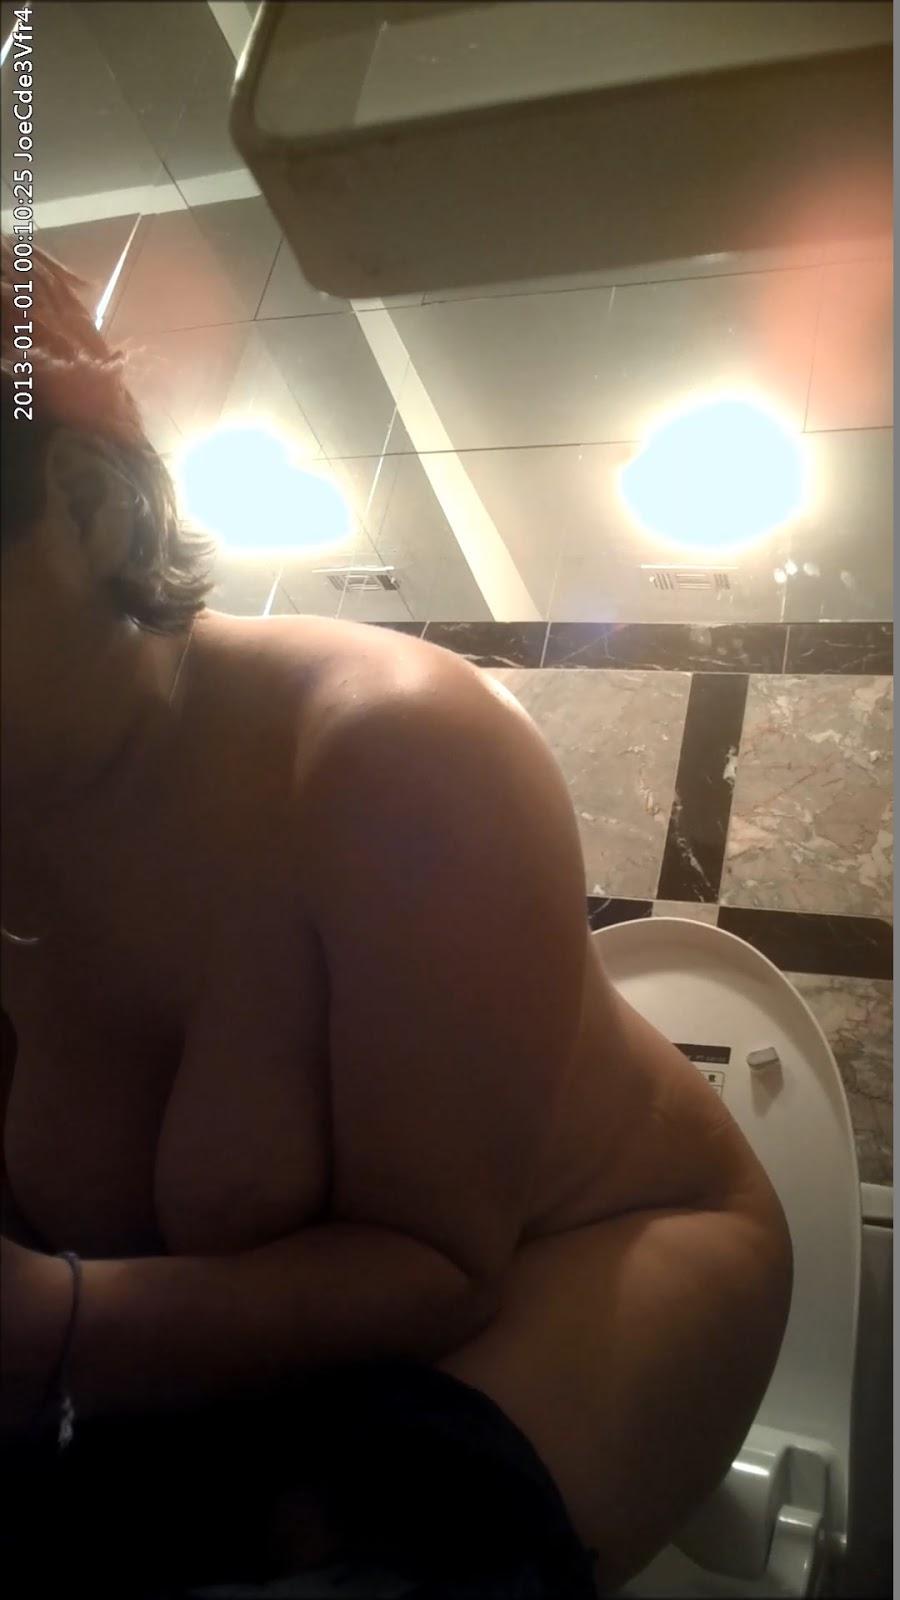 Abusando Con Porno adult photos: abusando de mi amigo dormido en el coche